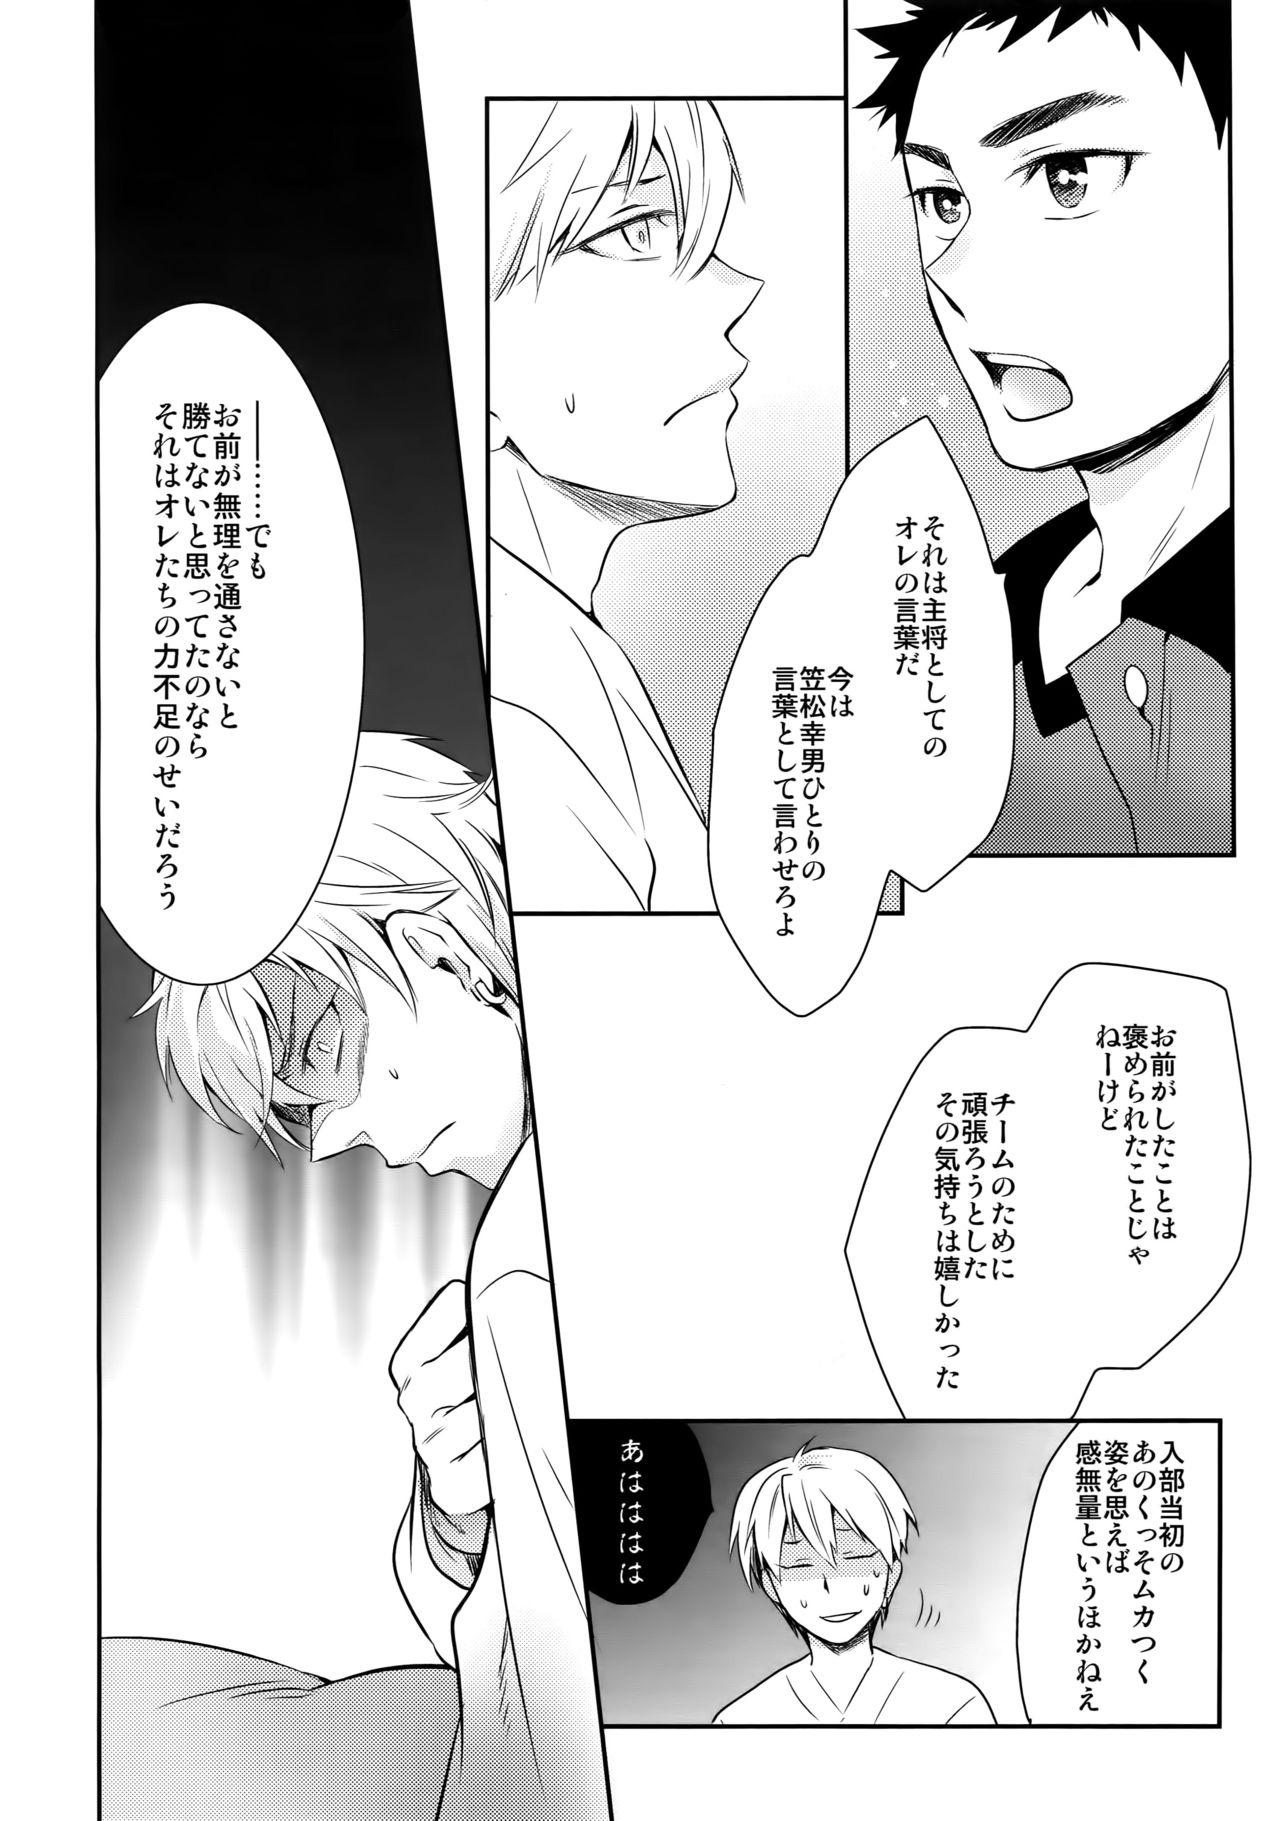 [Bakuchi Jinsei SP (Satsuki Fumi)] Kanpeki Kareshi to Zettai Ryouiki Ouji-sama - Another Version - (Kuroko no Basket) 132